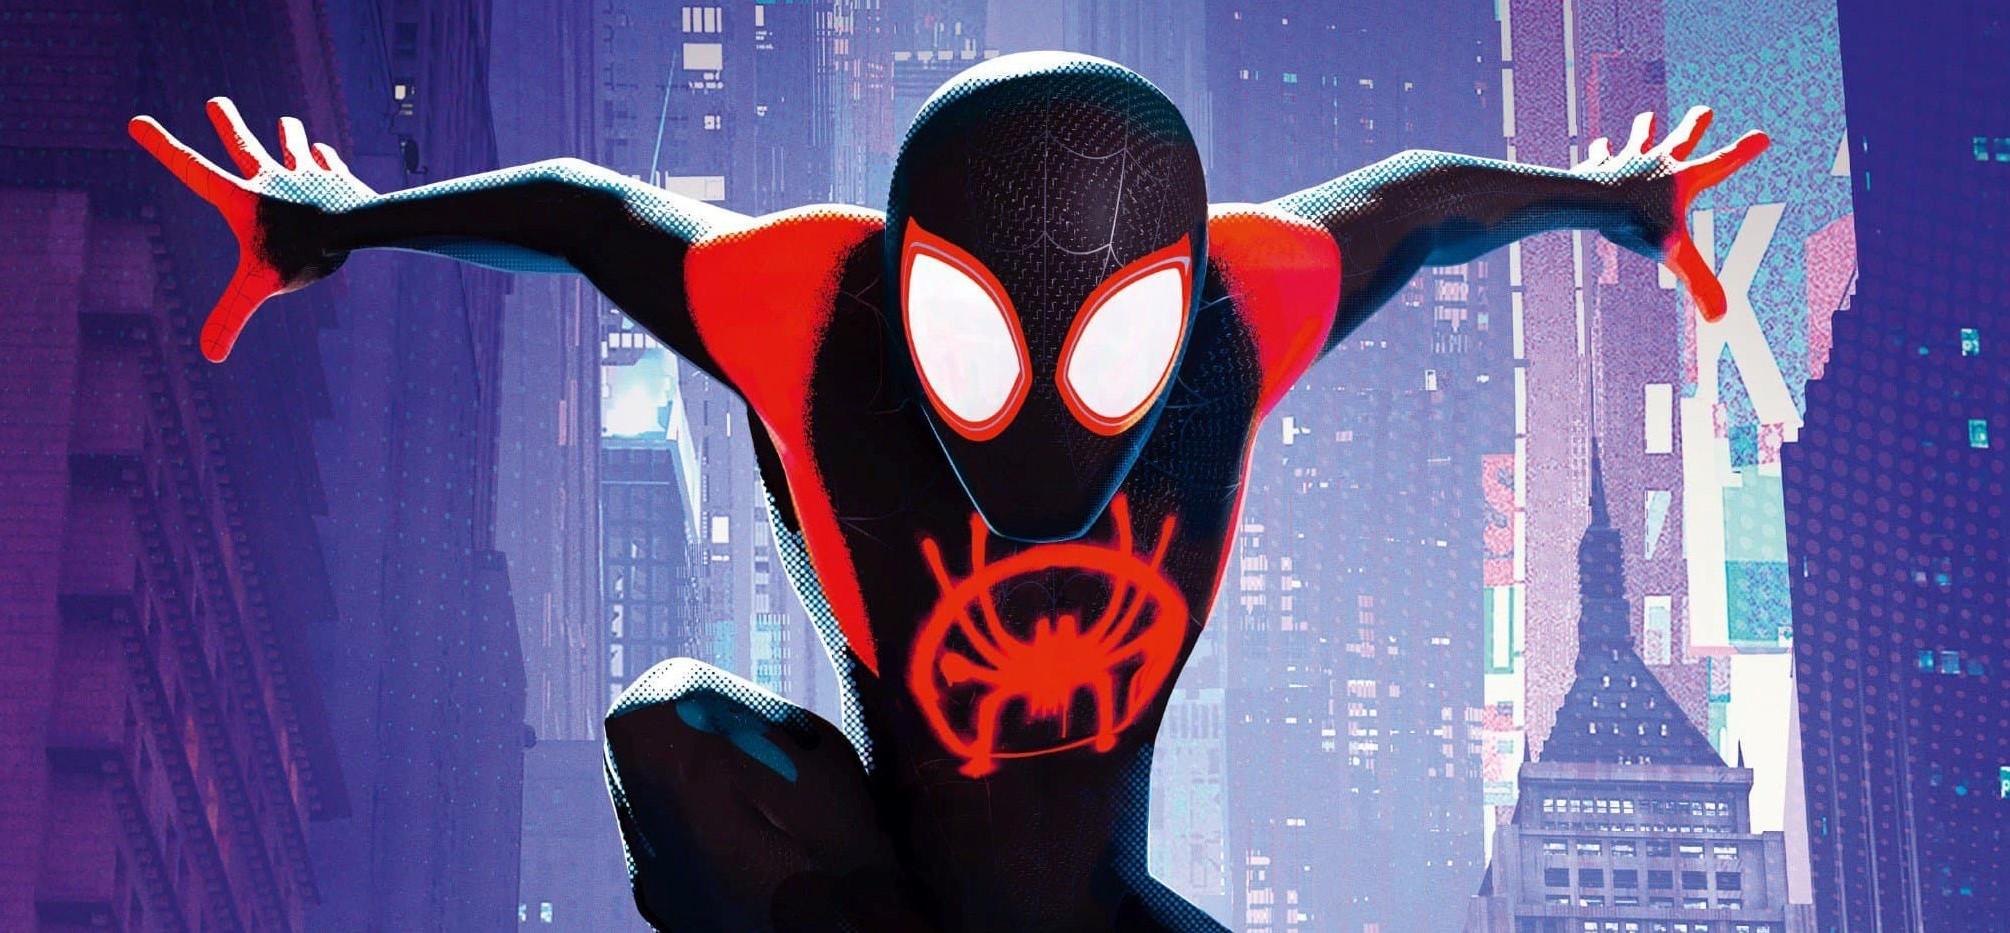 «Человек-паук: Через вселенные» поставил рекорд в Китае